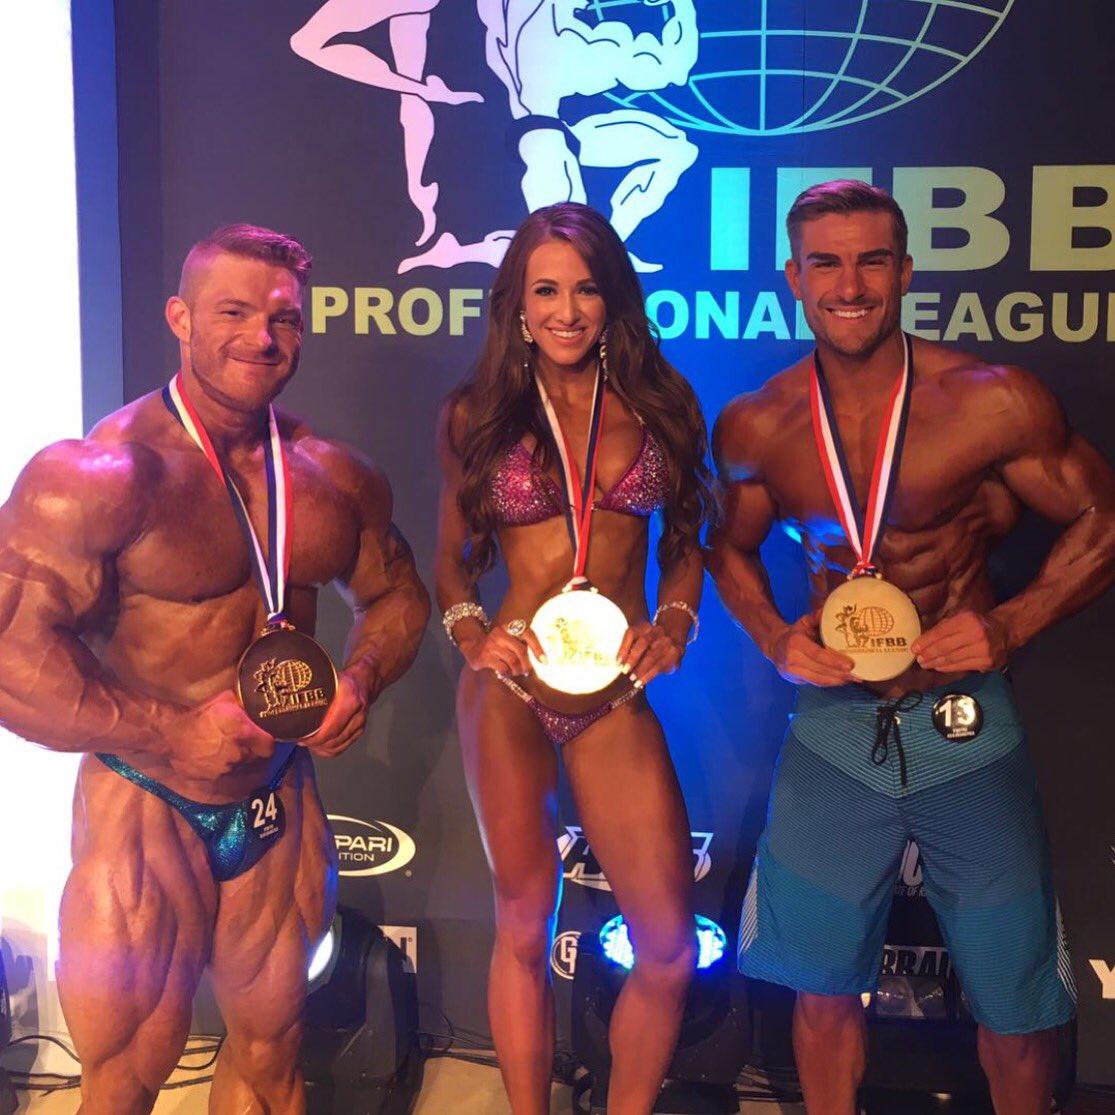 IFBB Korea Grand Prix Winners - @ryanjterry  @Flex_Lewis @CourtneyKingx @NPCNewsOnline @AroundTheNPC_JM #npcnews https://t.co/br65zDNEz6